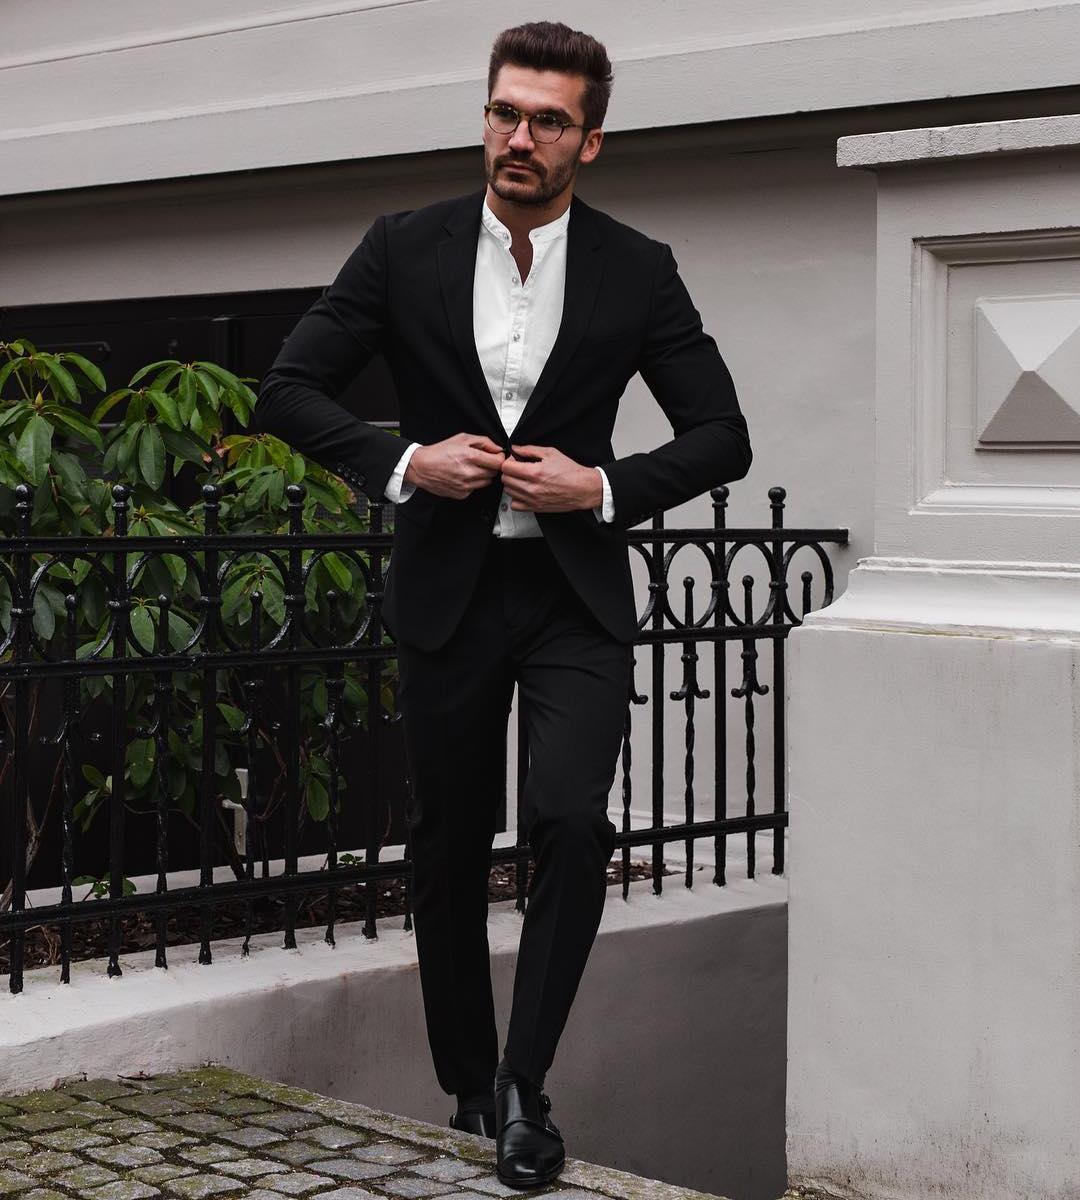 Vyras vilki juodą kostiumą, baltus marškinius avi juodus batus